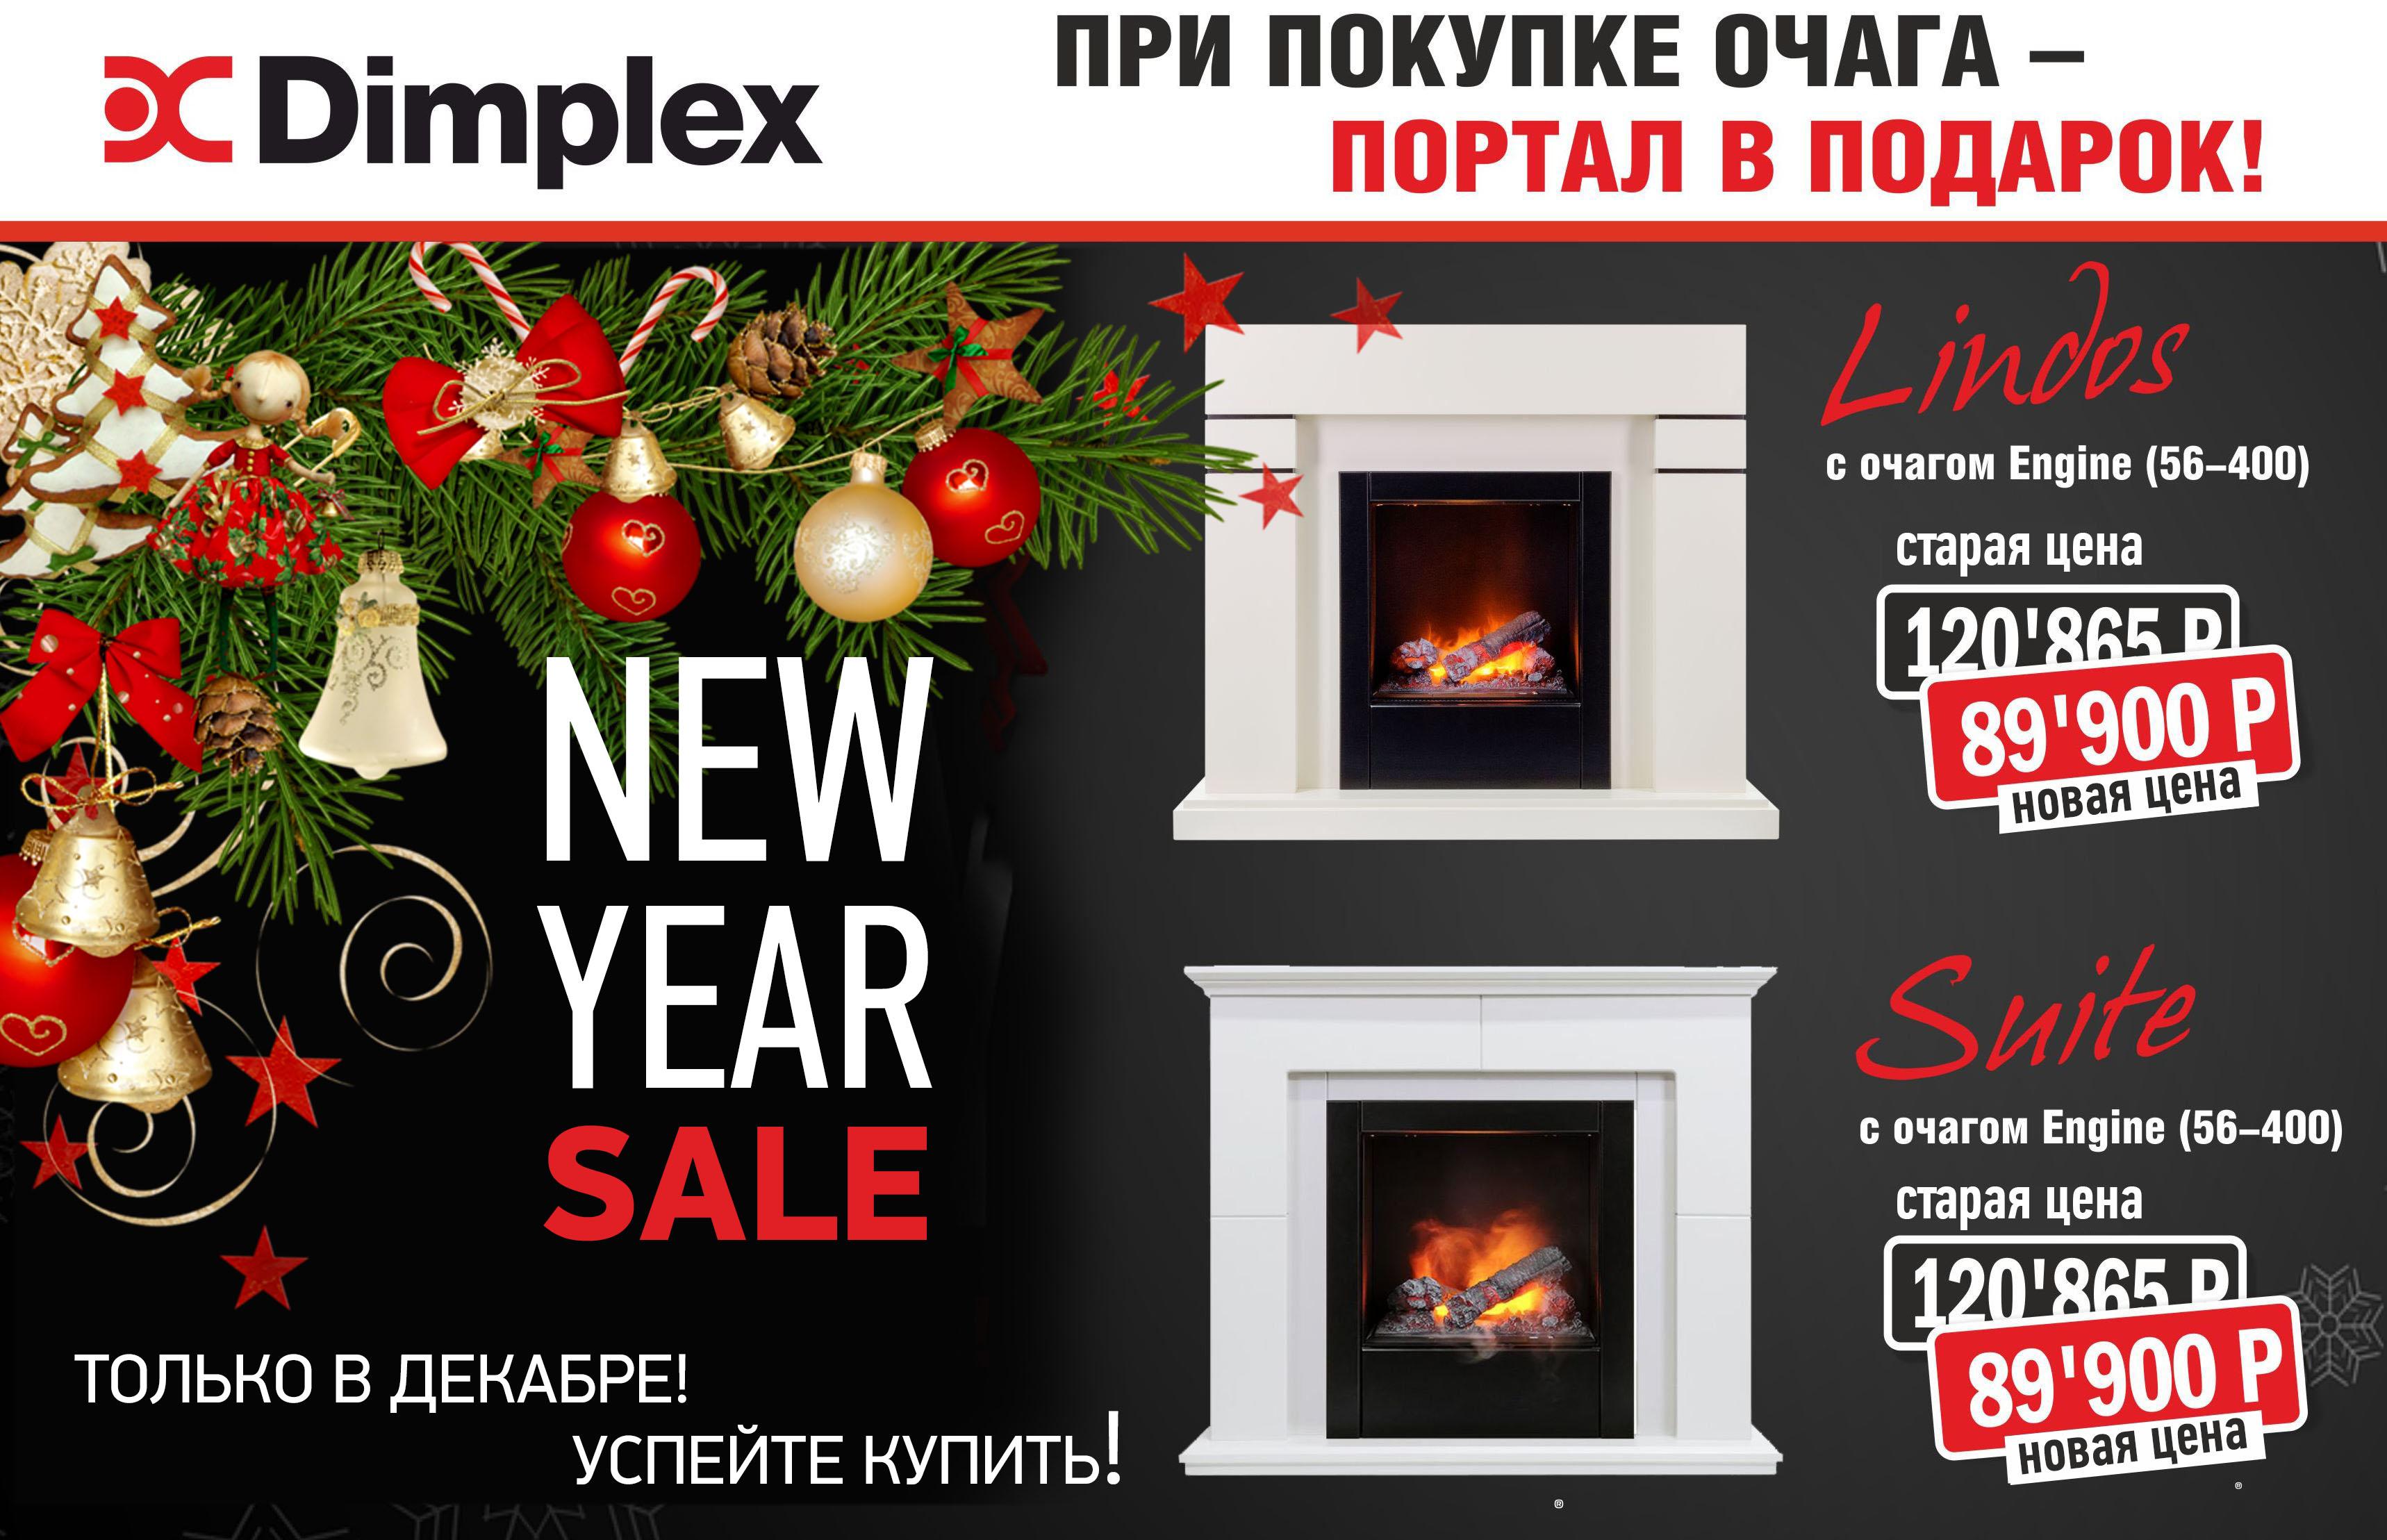 скидки на Dimplex lindos / suite